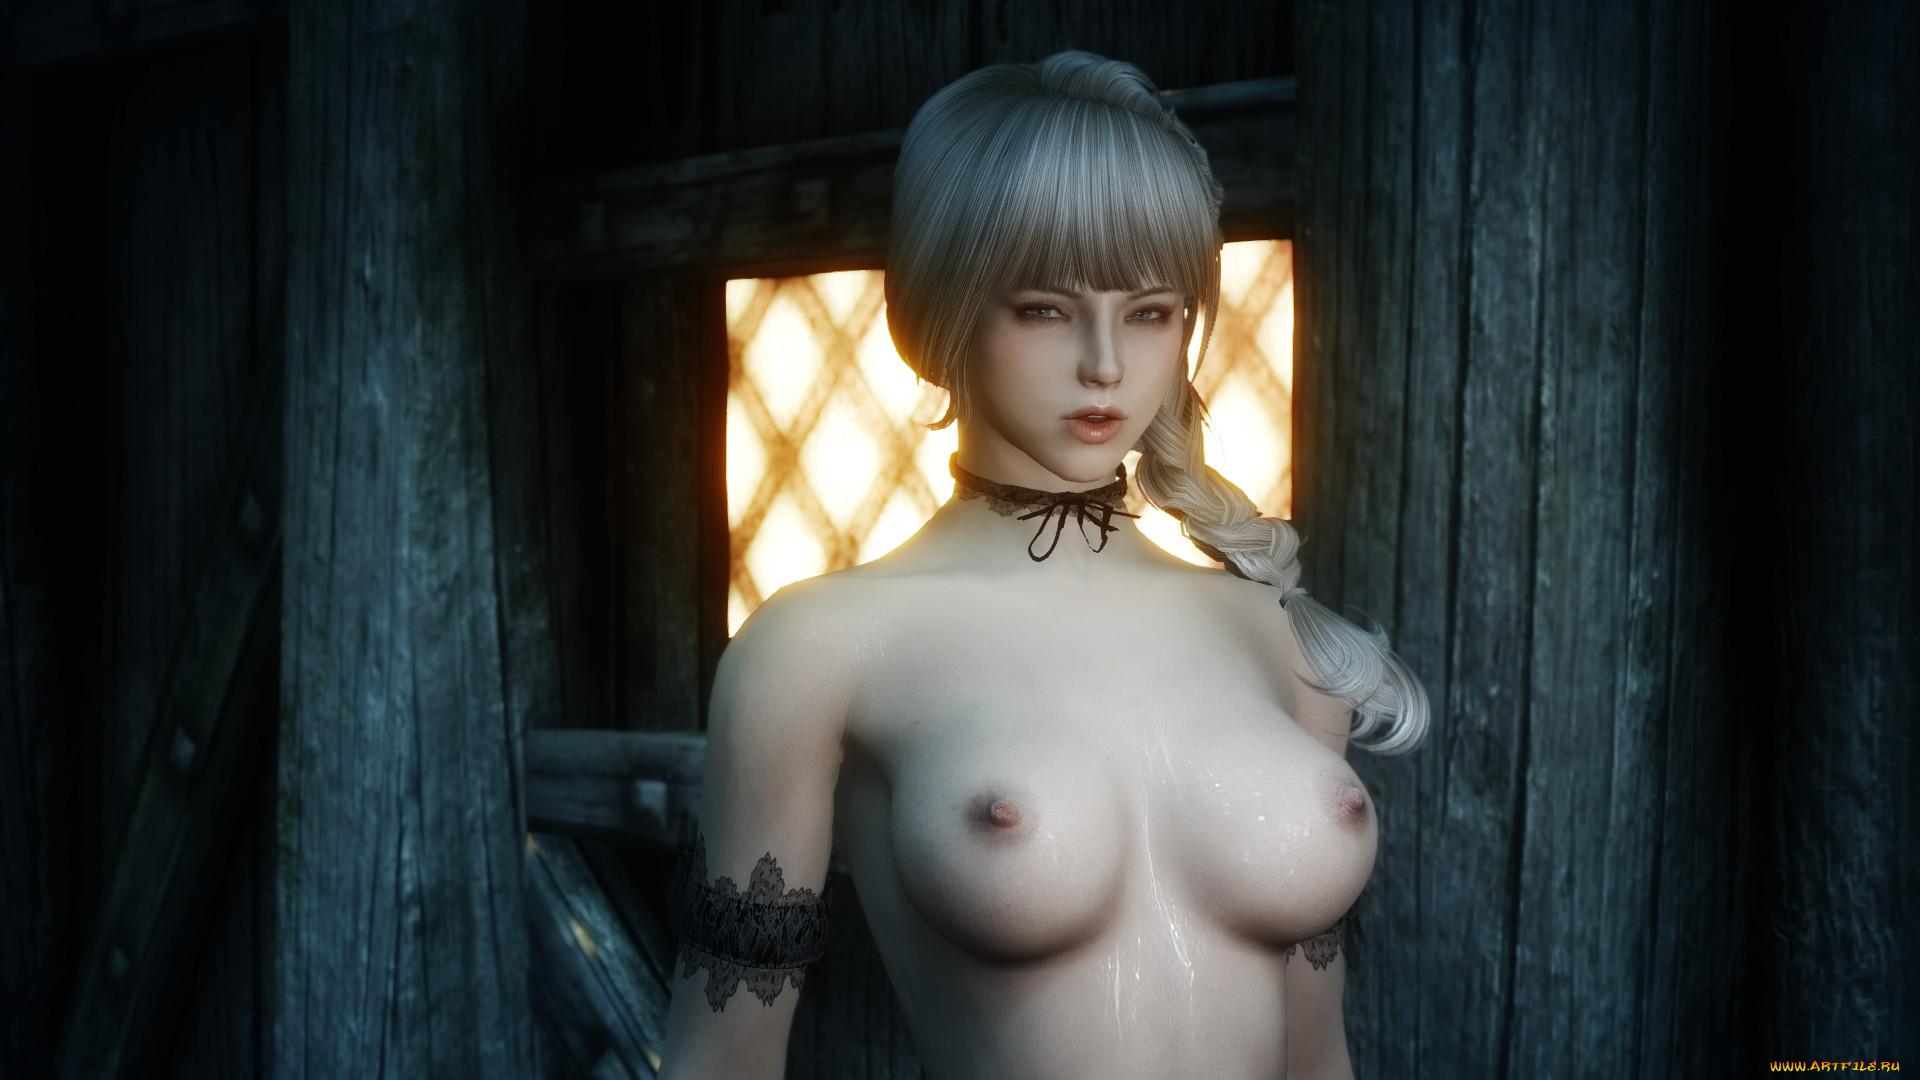 Skyrim erotic free xxx videos